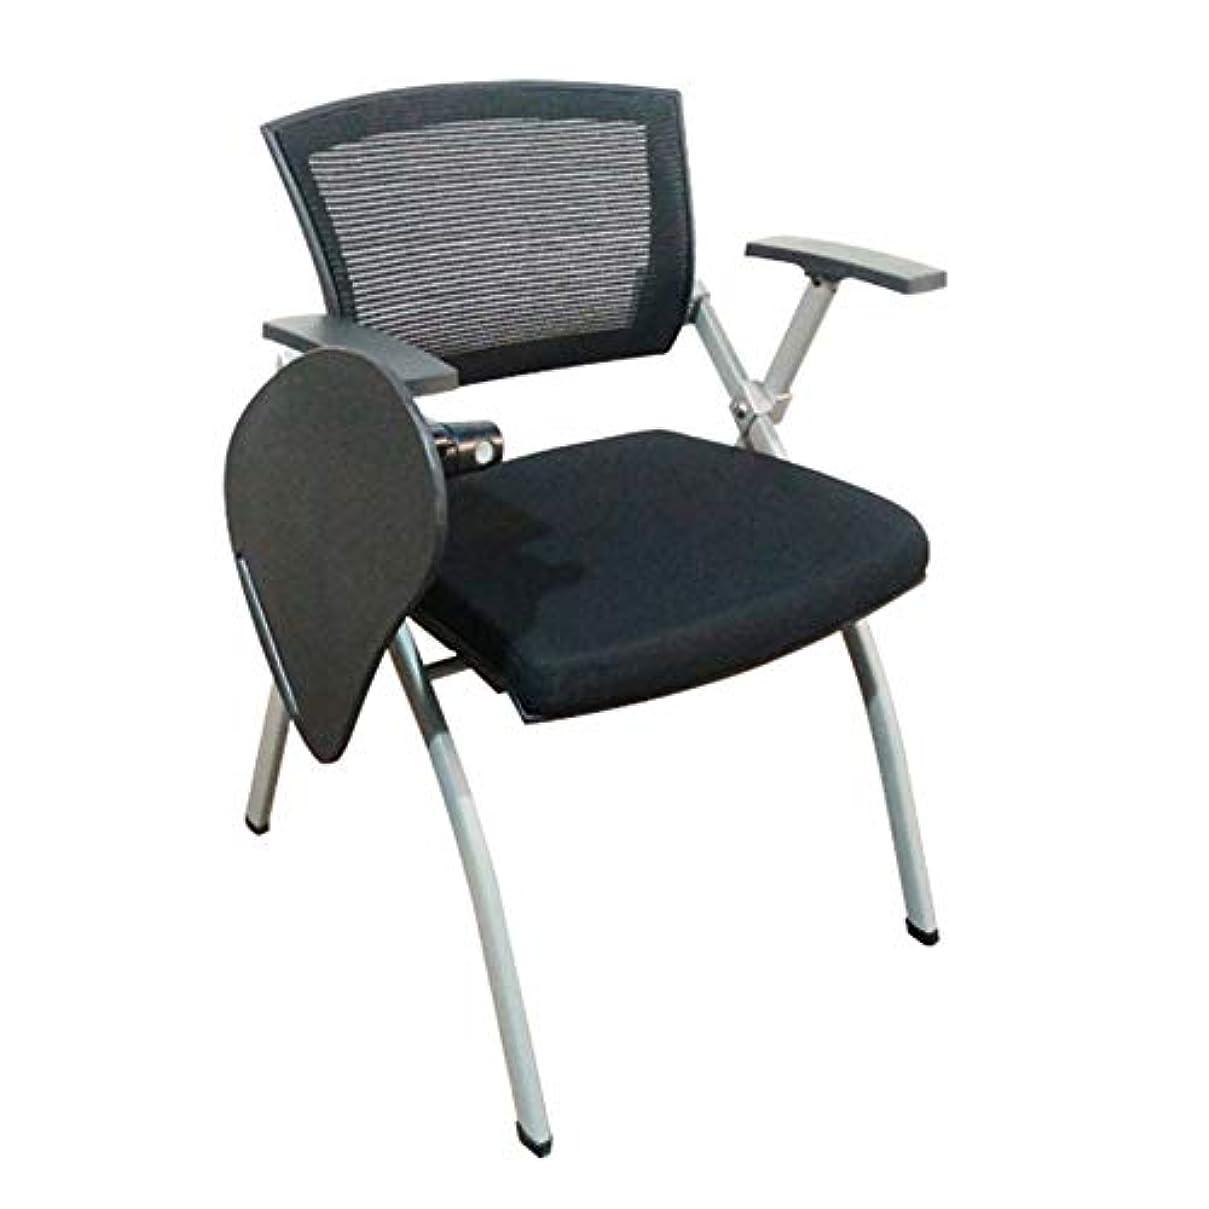 プログラム暴力天皇折りたたみ椅子、人間工学に基づいたメッシュバックサポートクッションチェア、折りたたみライティングパッドトレーニングチェア